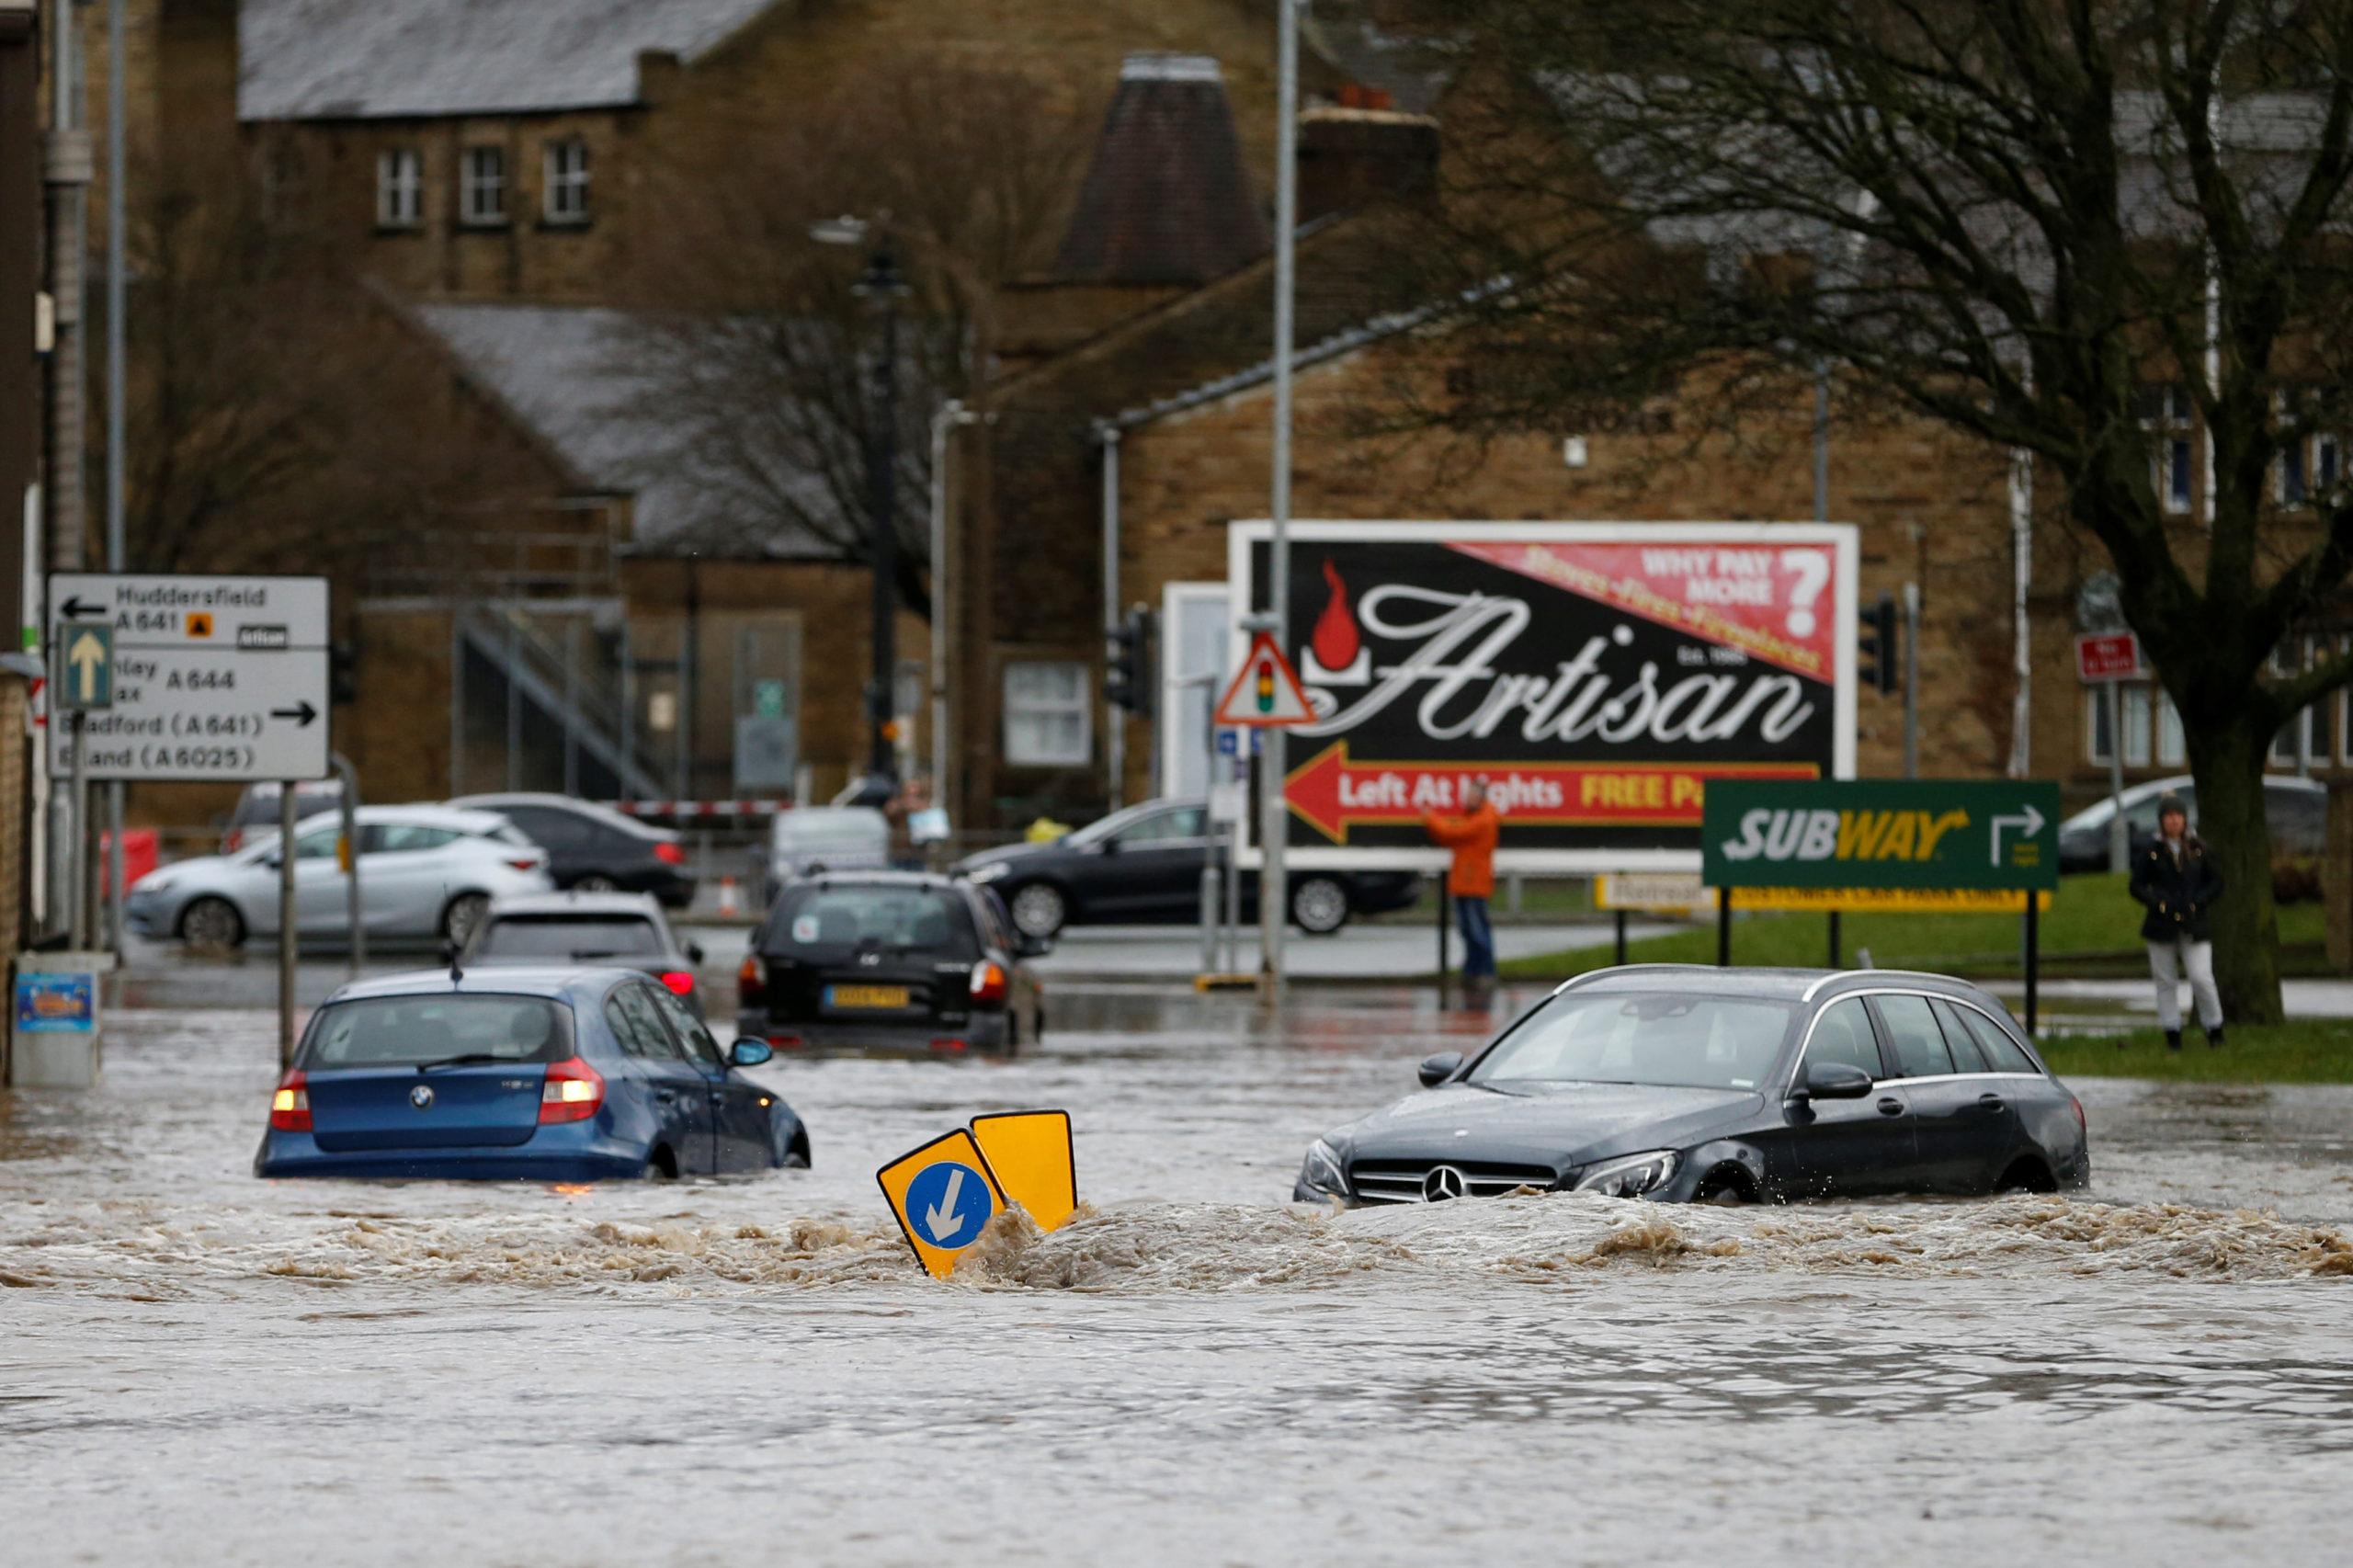 """Καιταιγίδα Κιάρα: """"Βουλιάζει"""" η Βρετανία! Προβλήματα και σε άλλες χώρες [video]"""